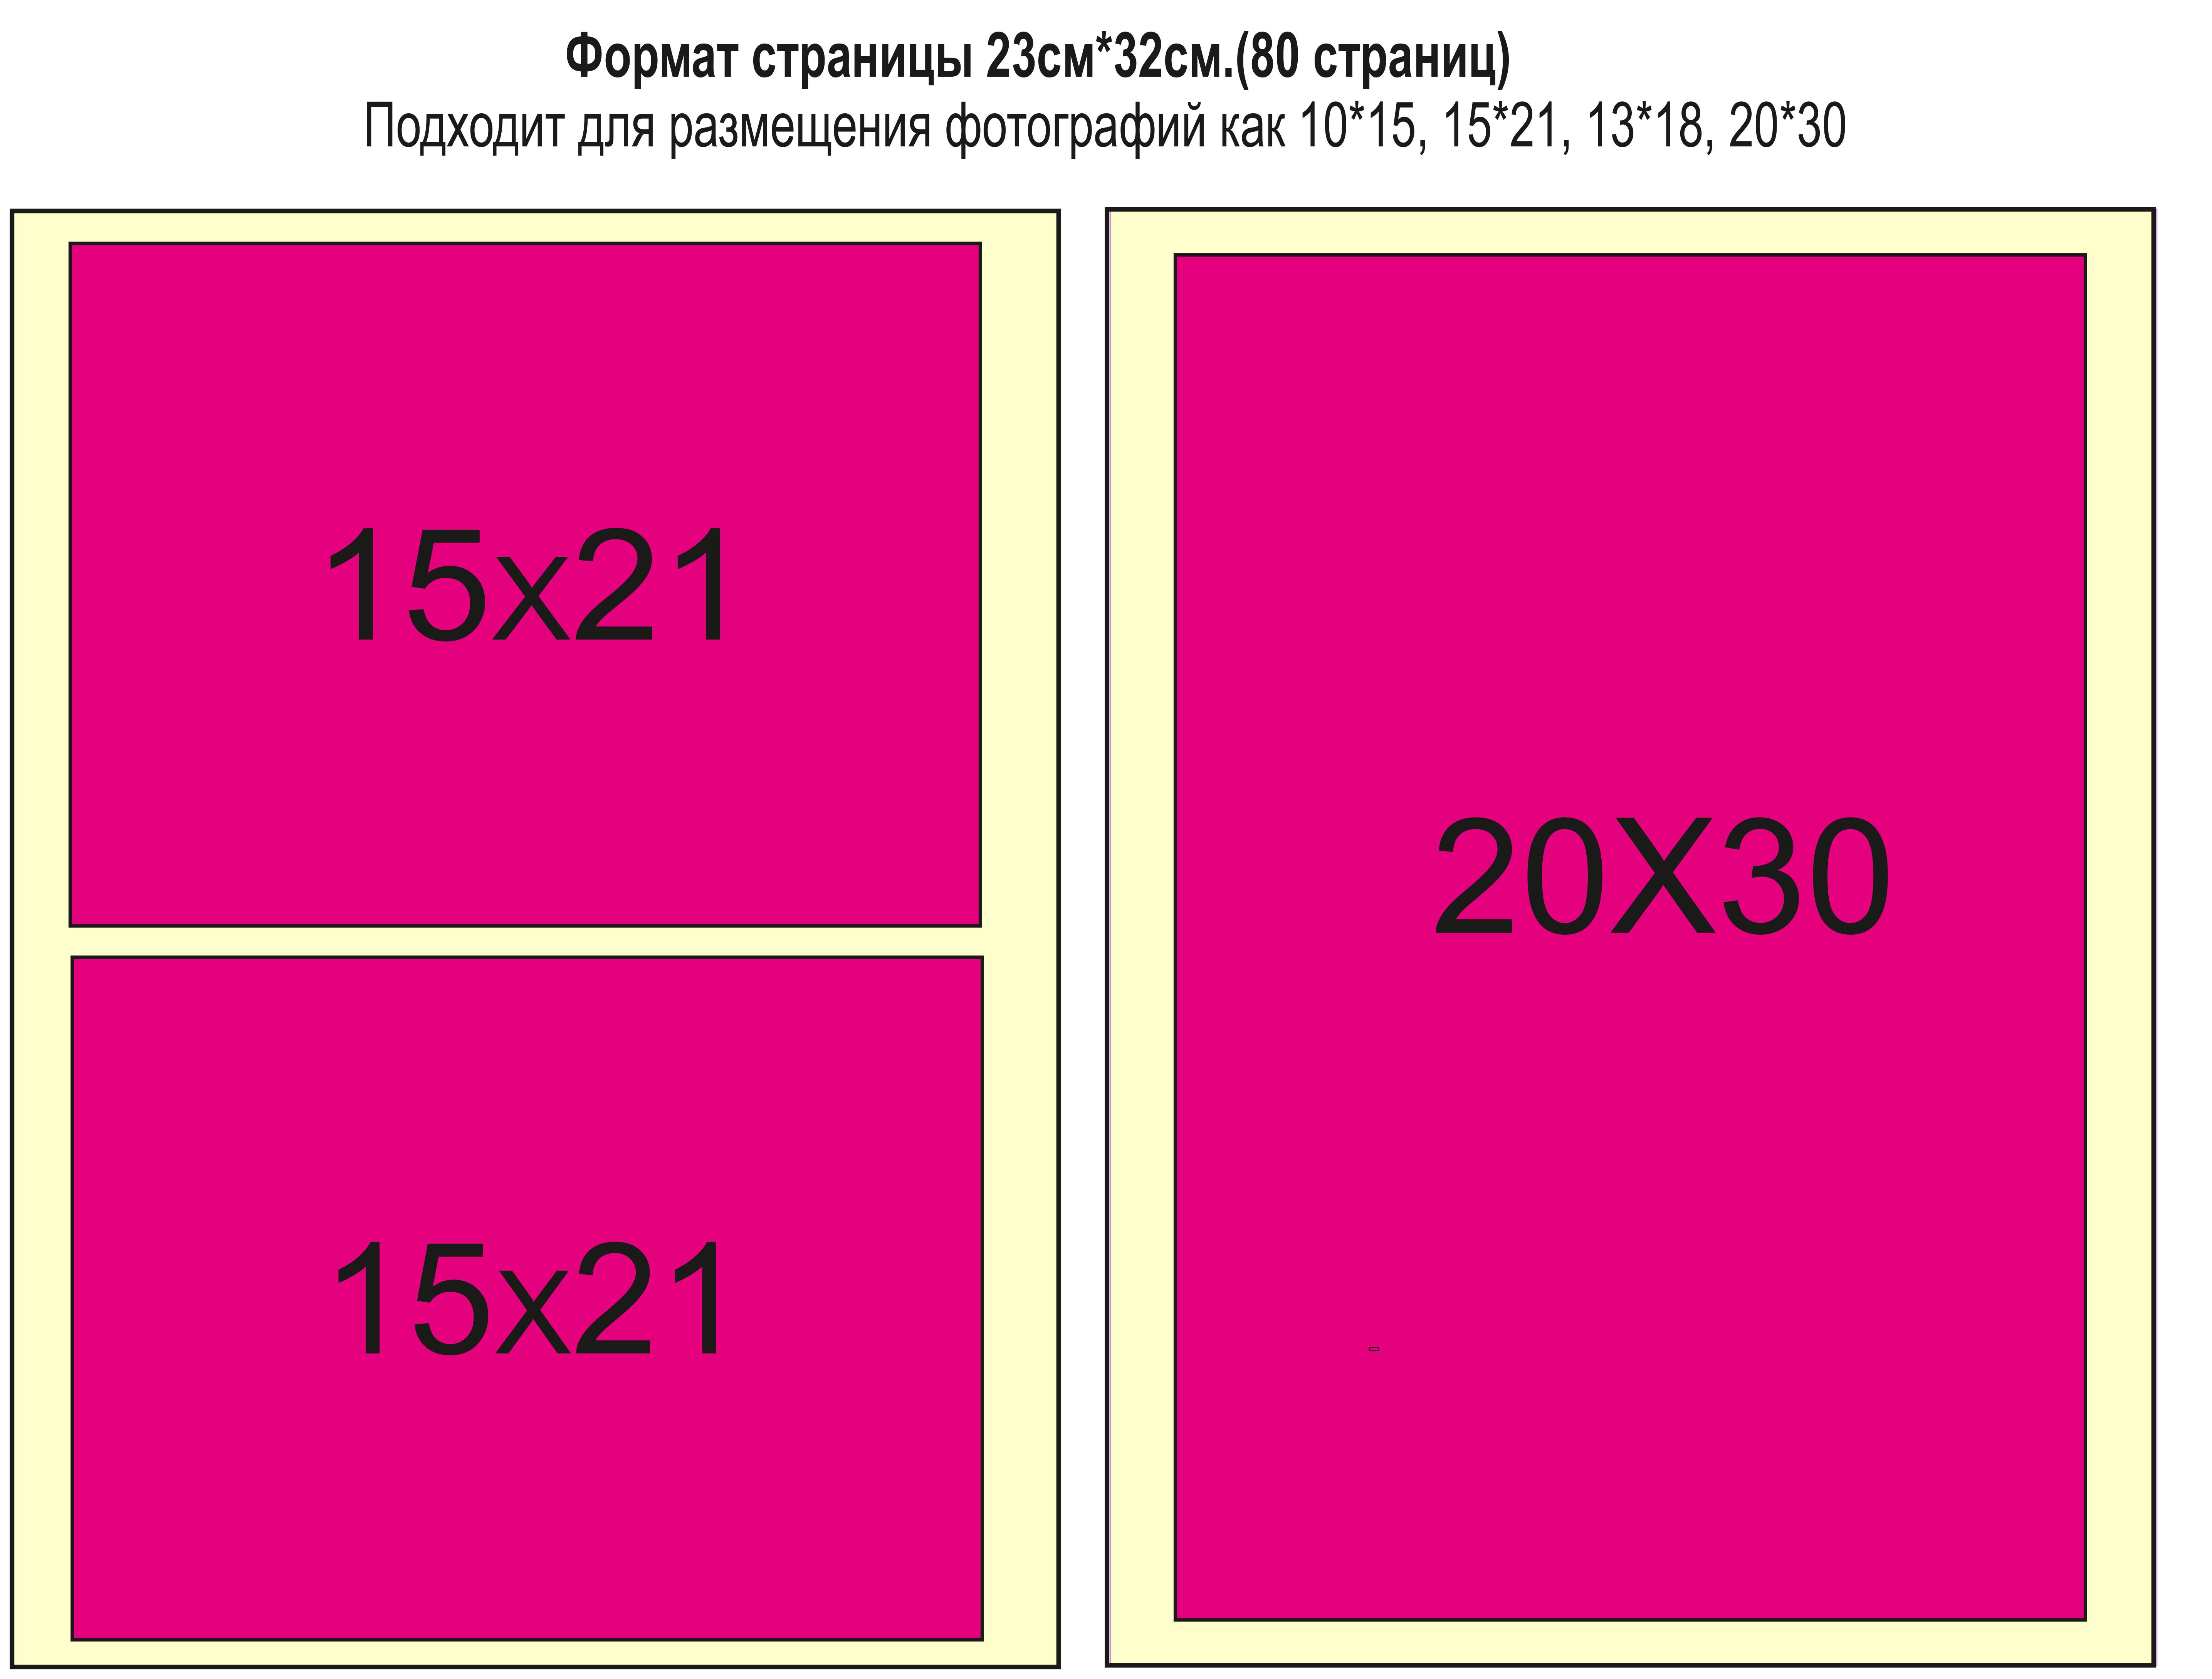 Фотоальбом для фотографий среднего формата презентация samsung s8